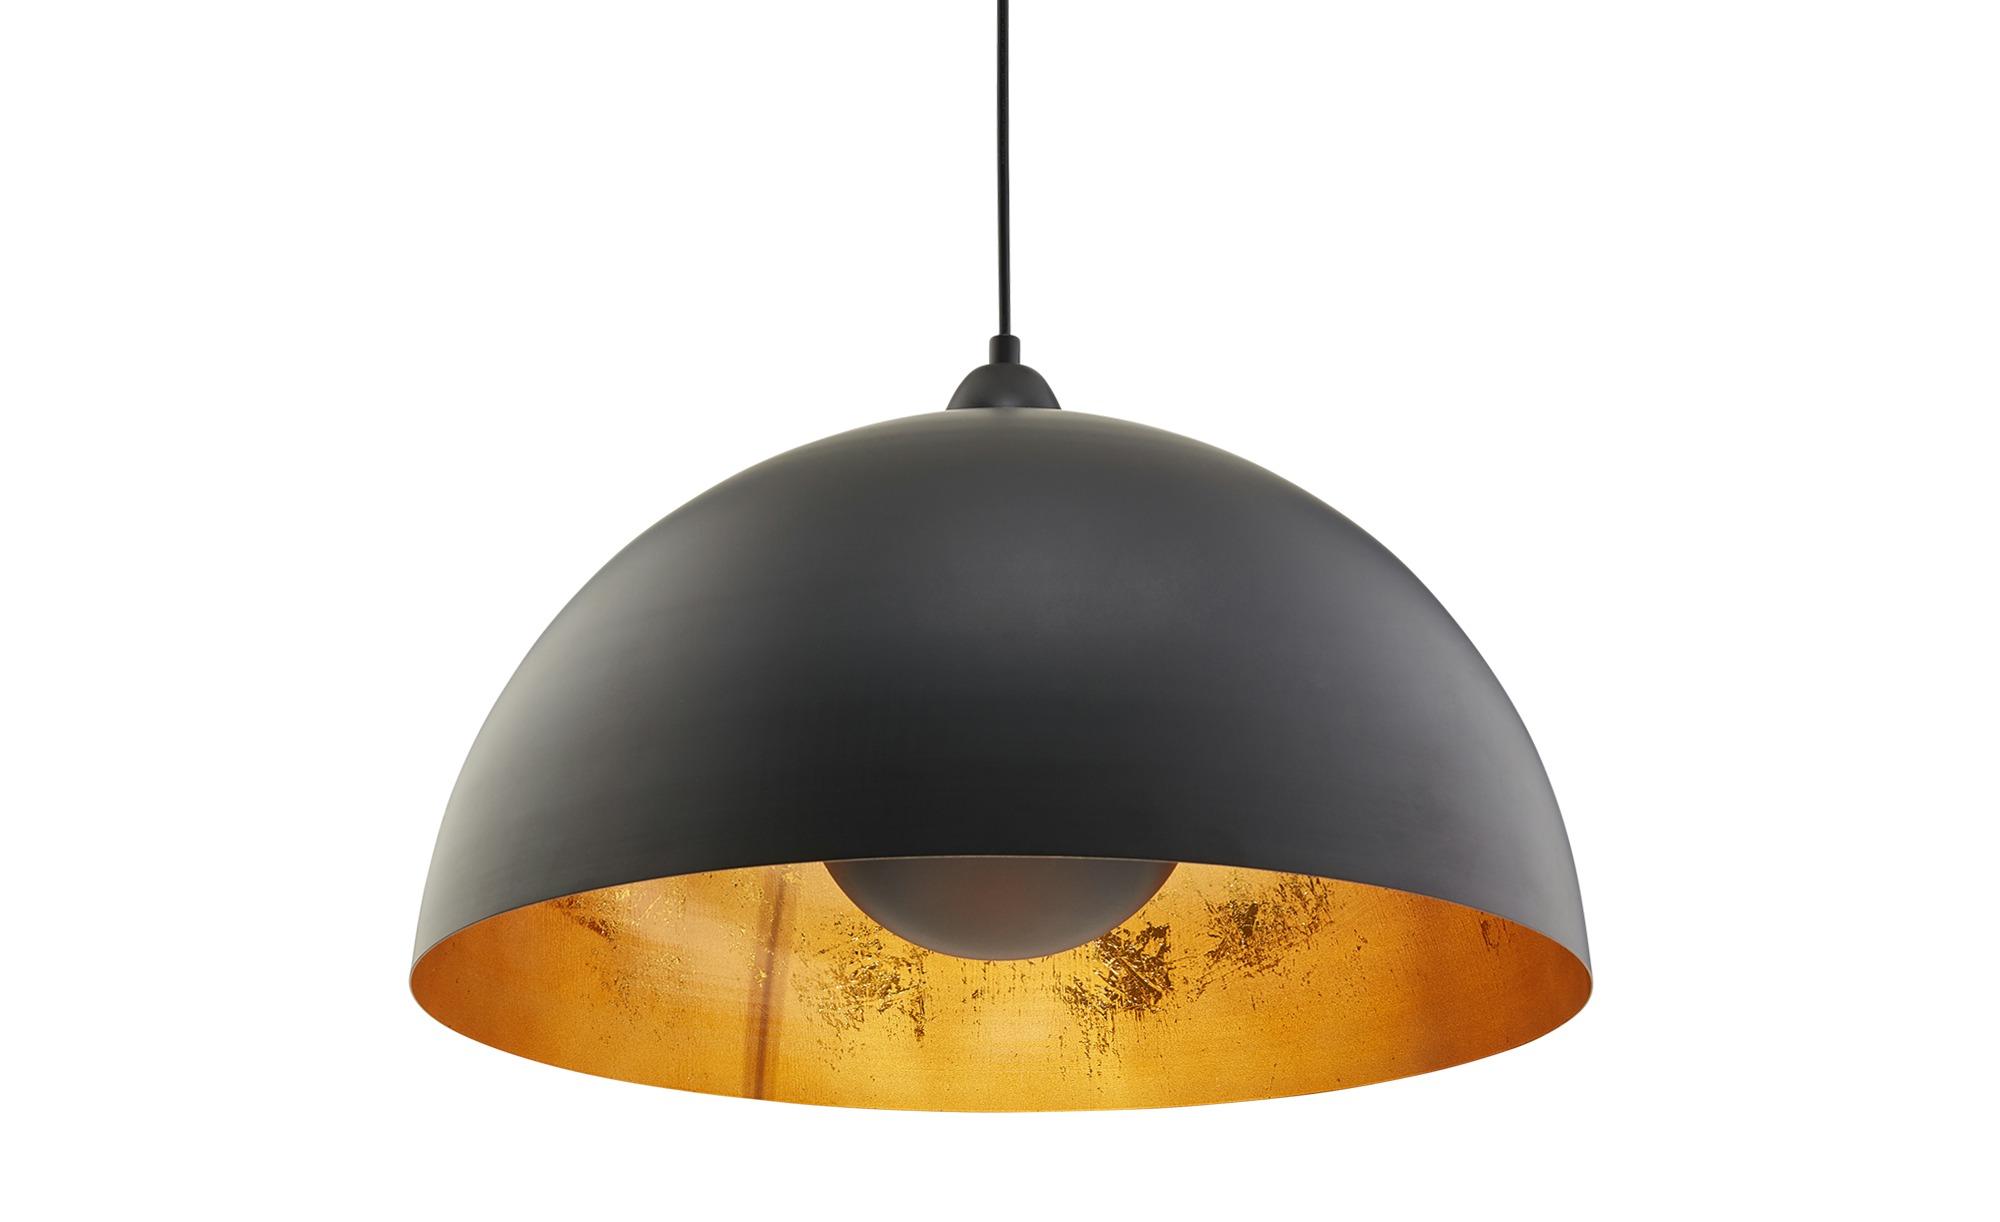 KHG Pendelleuchte, 1-flammig, schwarz/gold ¦ schwarz ¦ Maße (cm): H: 150 Ø: [50.0] Lampen & Leuchten > Innenleuchten > Pendelleuchten - Höffner